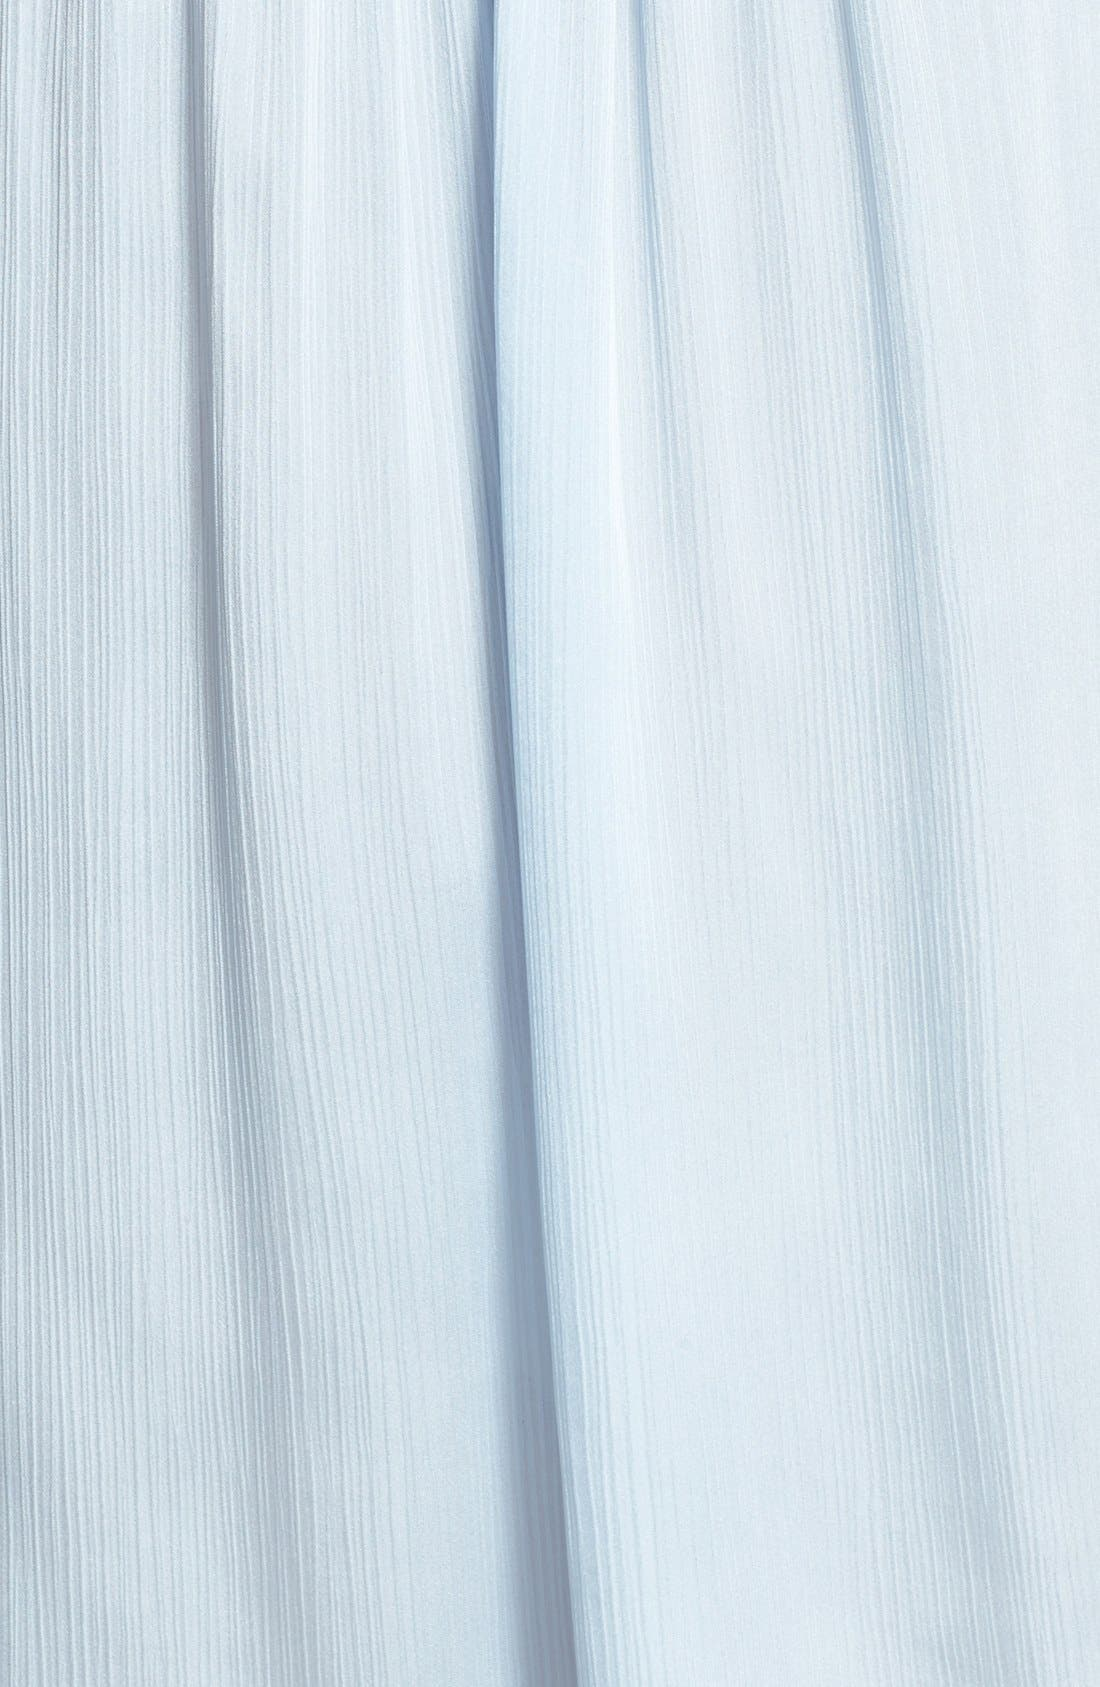 Alternate Image 3  - Oscar de la Renta Sleepwear 'Classic Mix' Lace Trim Satin Chemise